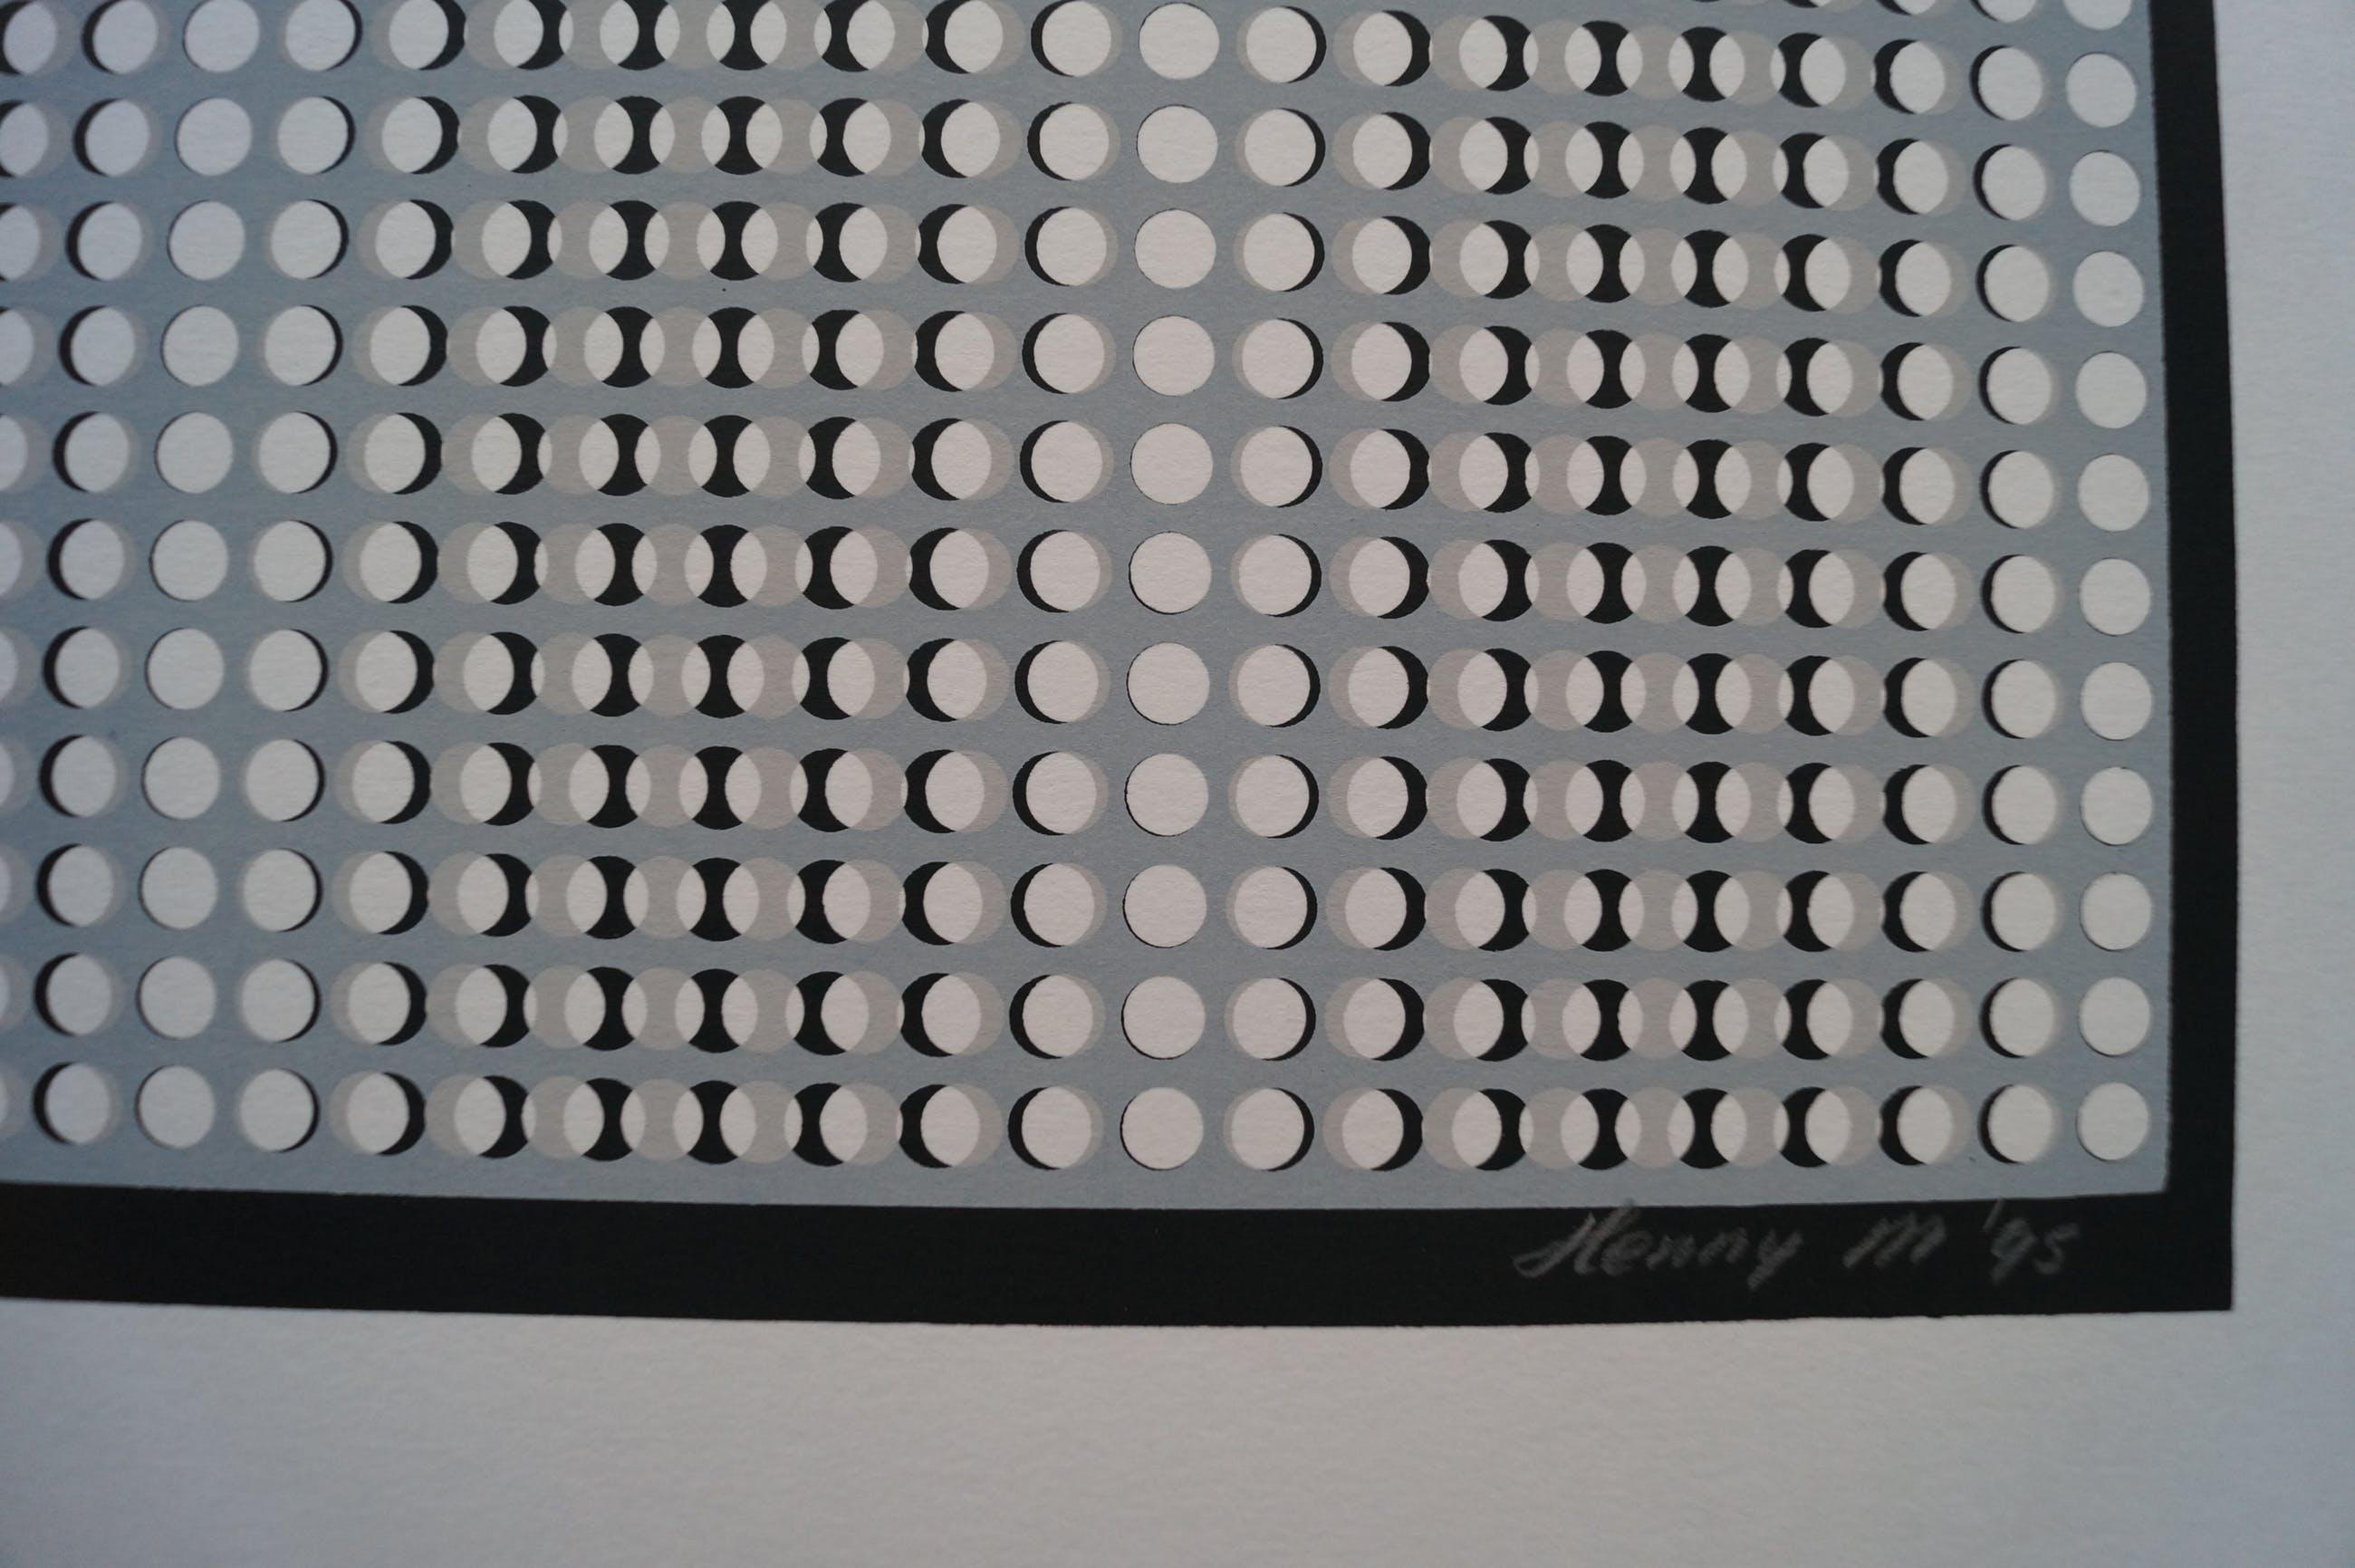 Niet of onleesbaar gesigneerd - XTC grey kopen? Bied vanaf 10!